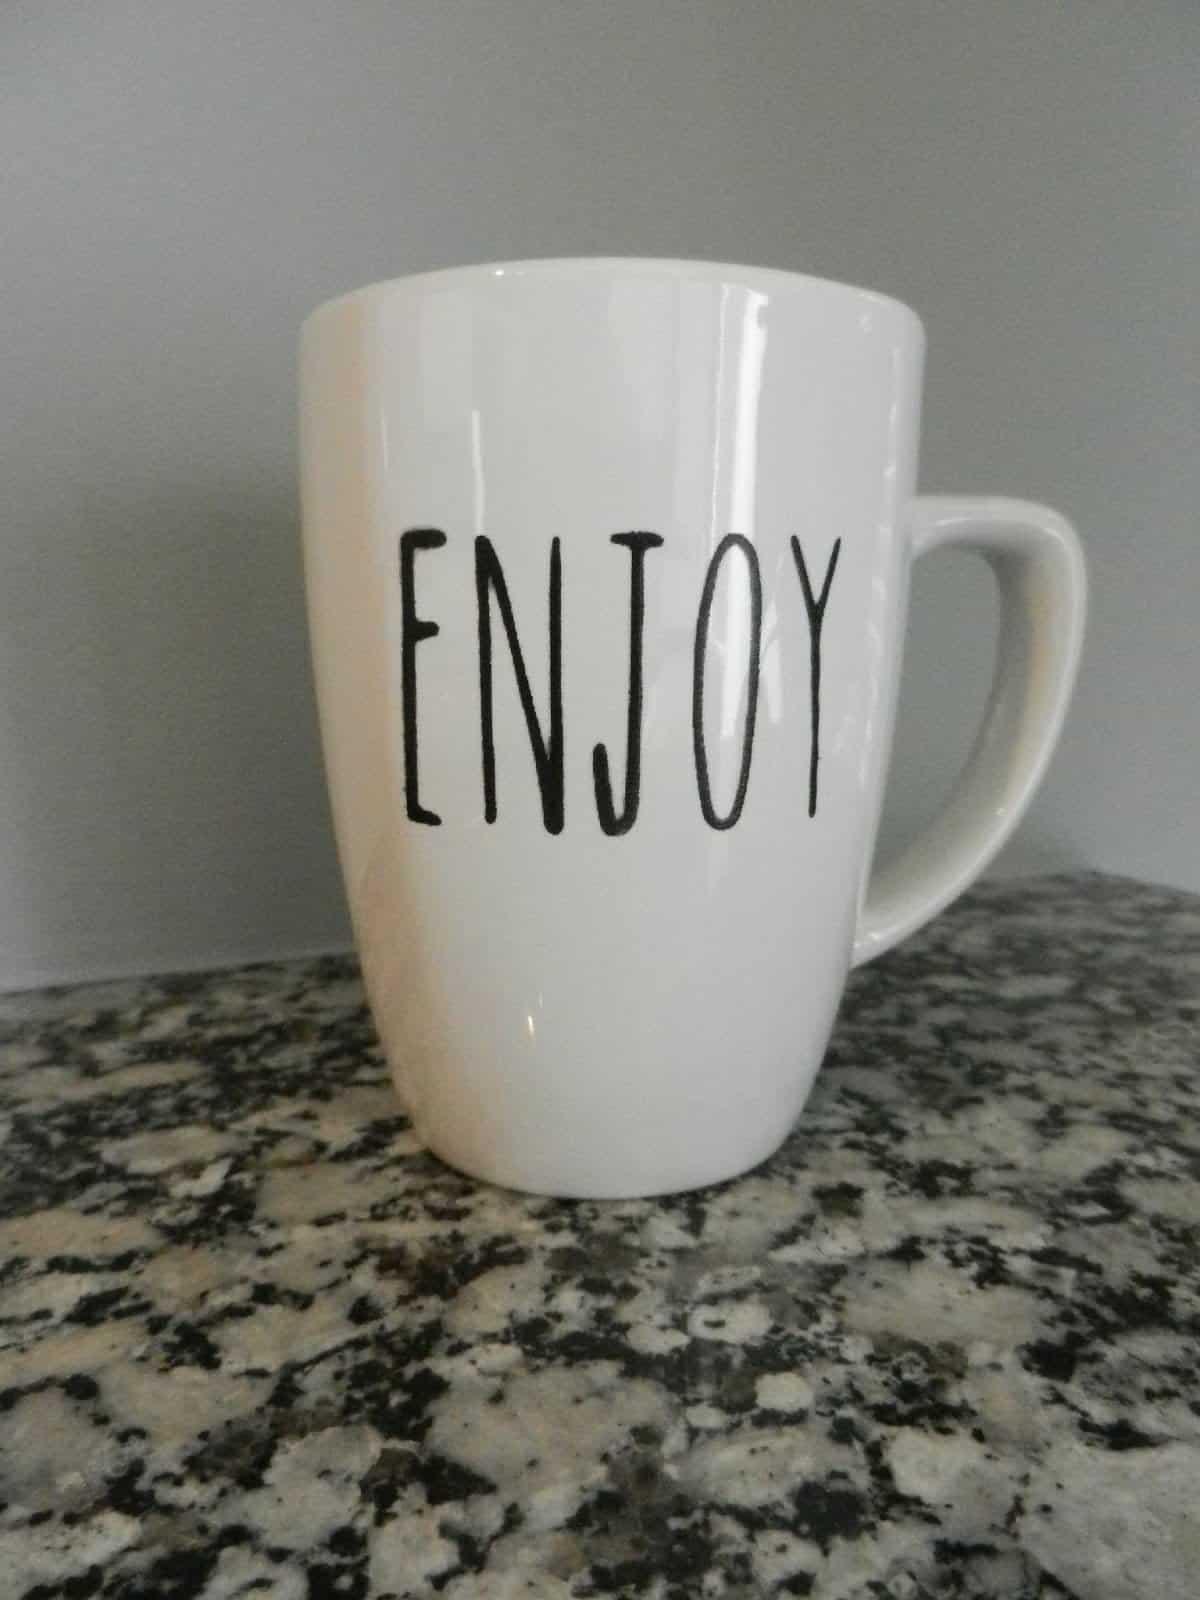 stencil on a mug